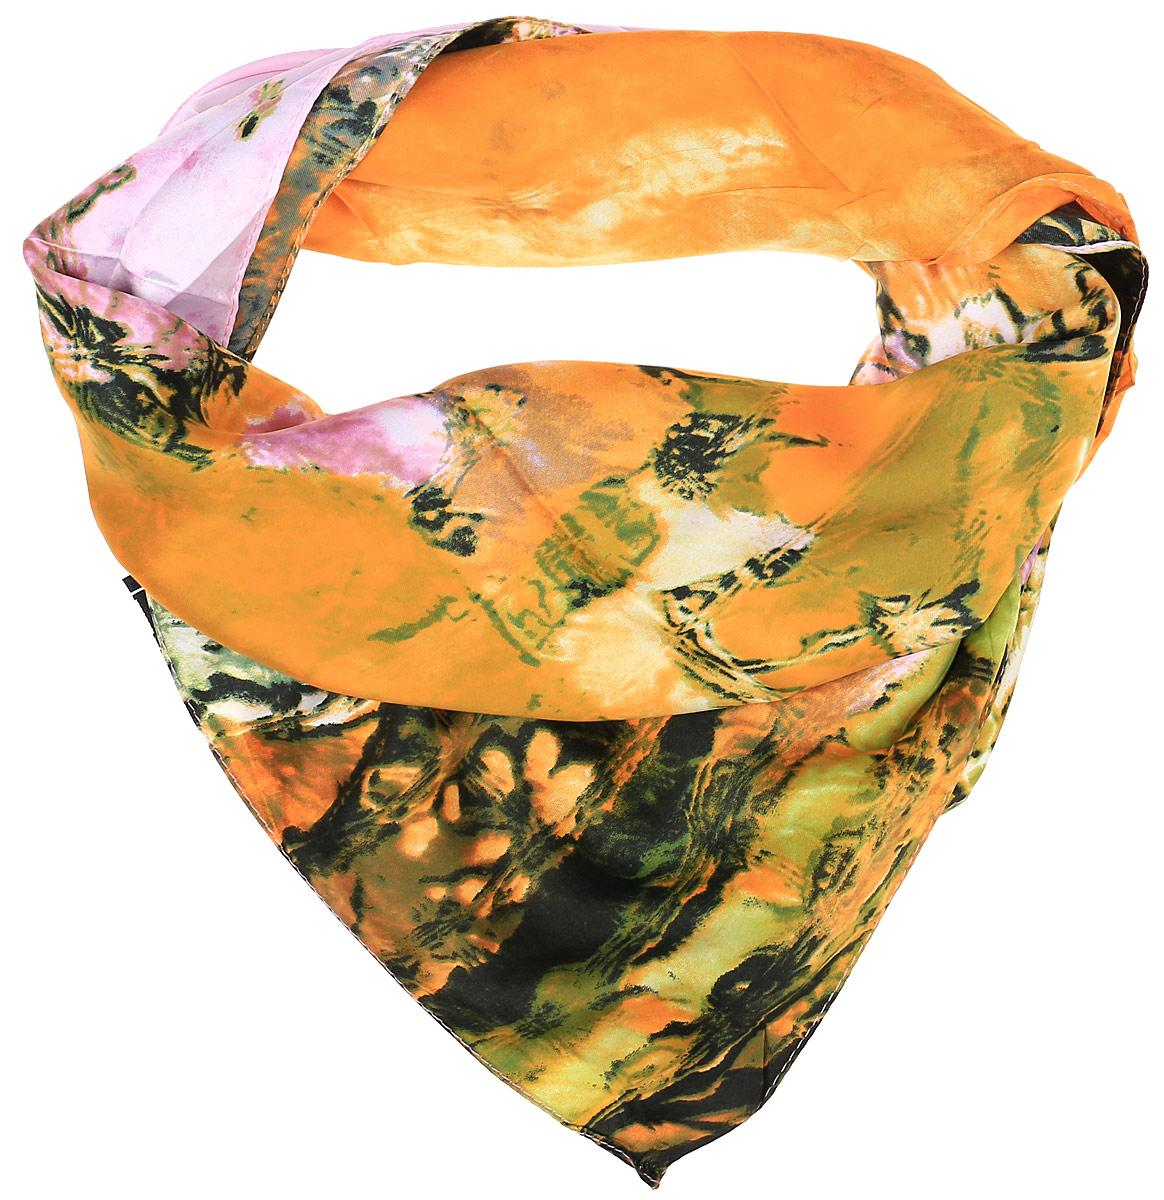 0510115246_54Очаровательный женский платок Sabellino станет великолепным завершением любого наряда. Платок изготовлен из высококачественного полиэстера и оформлен оригинальным цветочным принтом. Классическая квадратная форма позволяет носить платок на шее, украшать им прическу или декорировать сумочку.